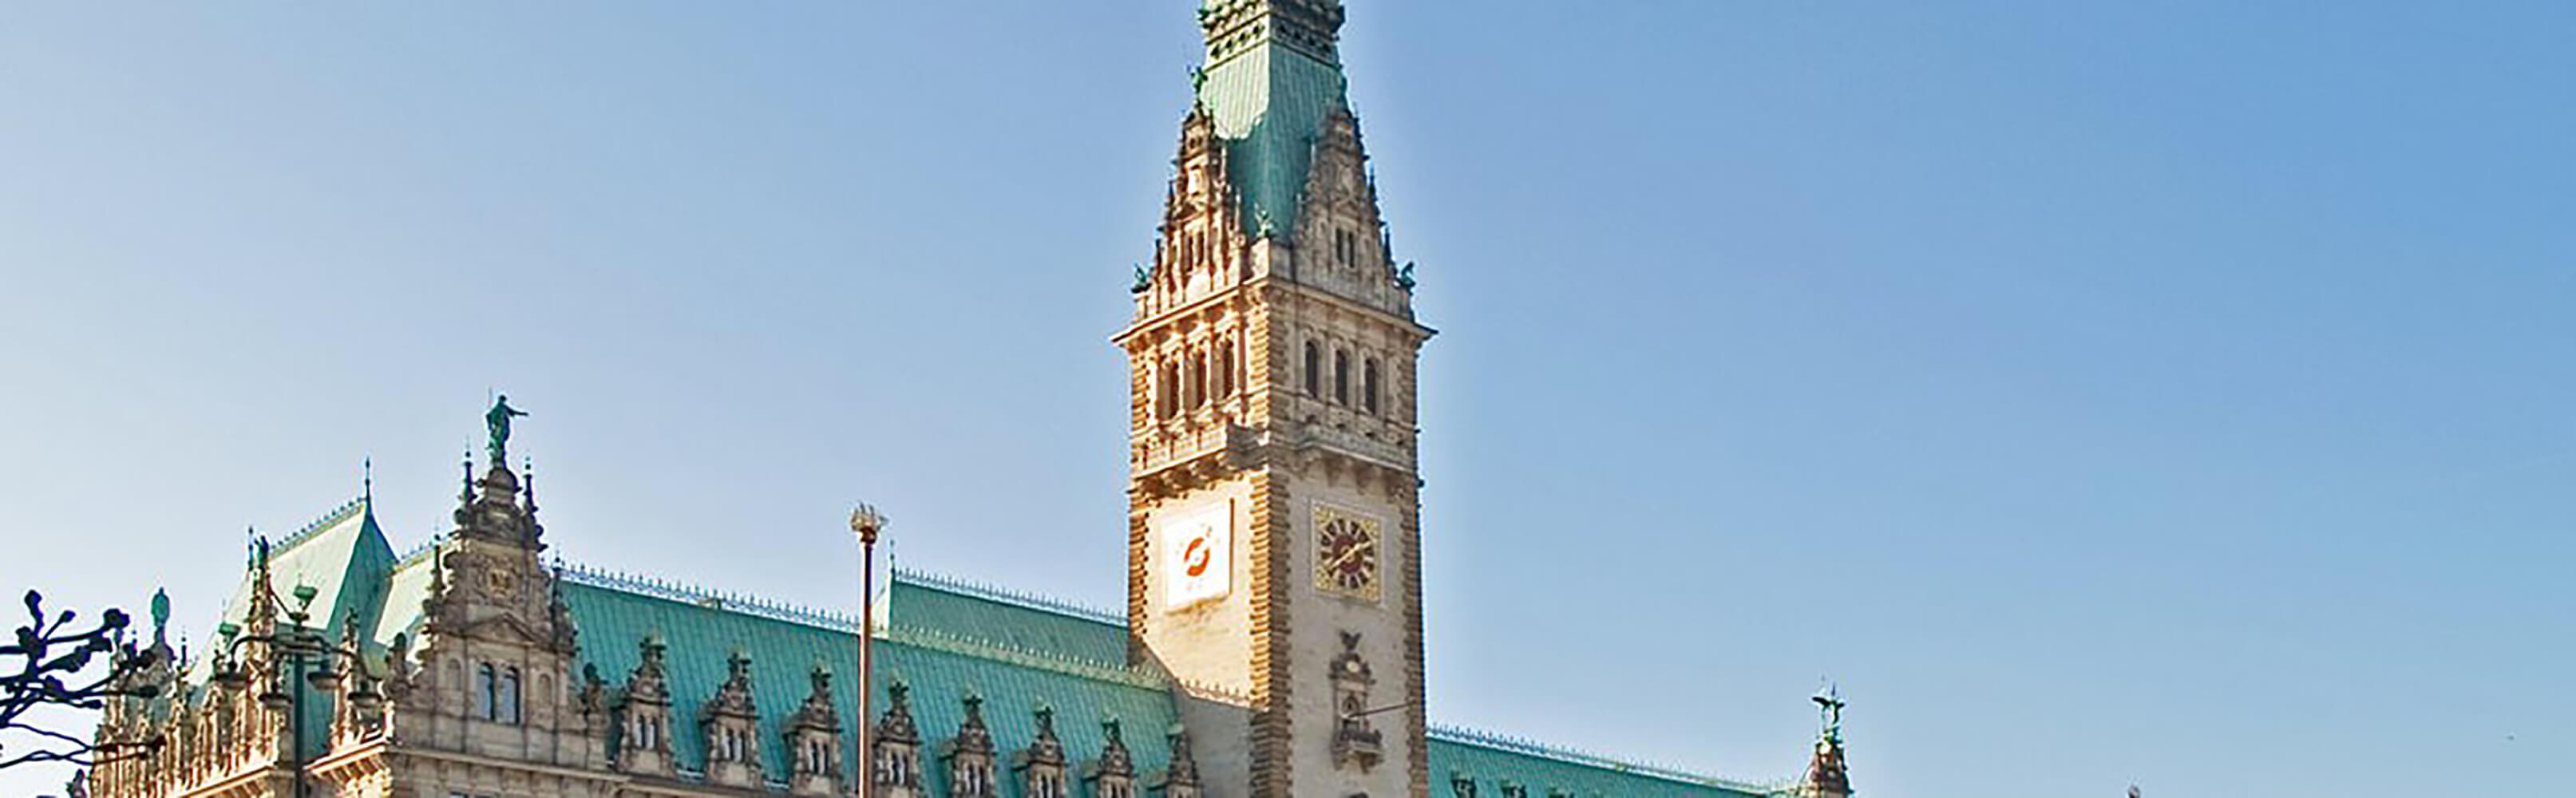 Hamburger Rathaus 1